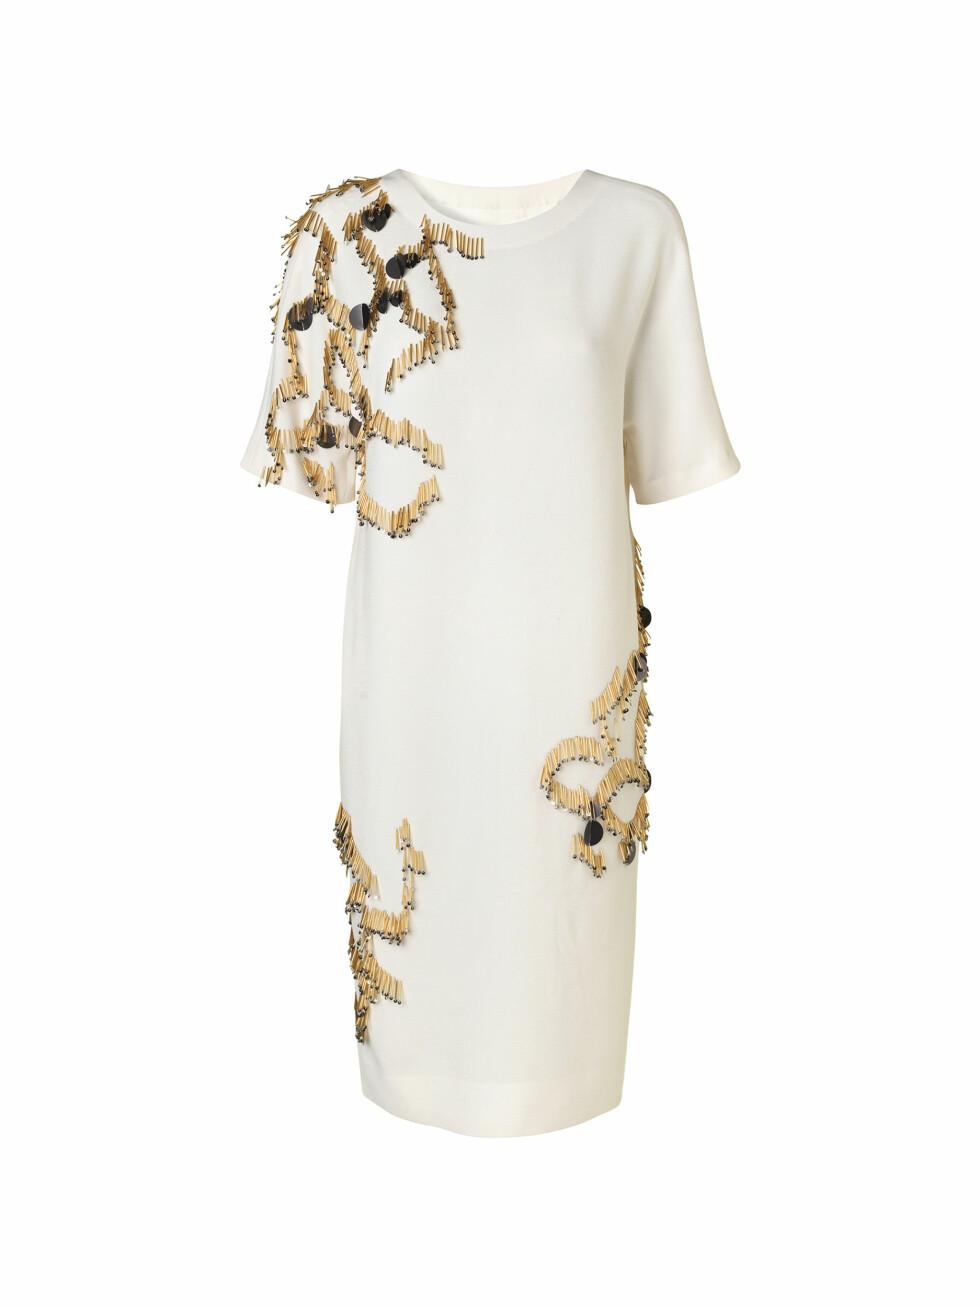 Kjole fra By Malene Birger, kr 4800. Foto: Produsenten